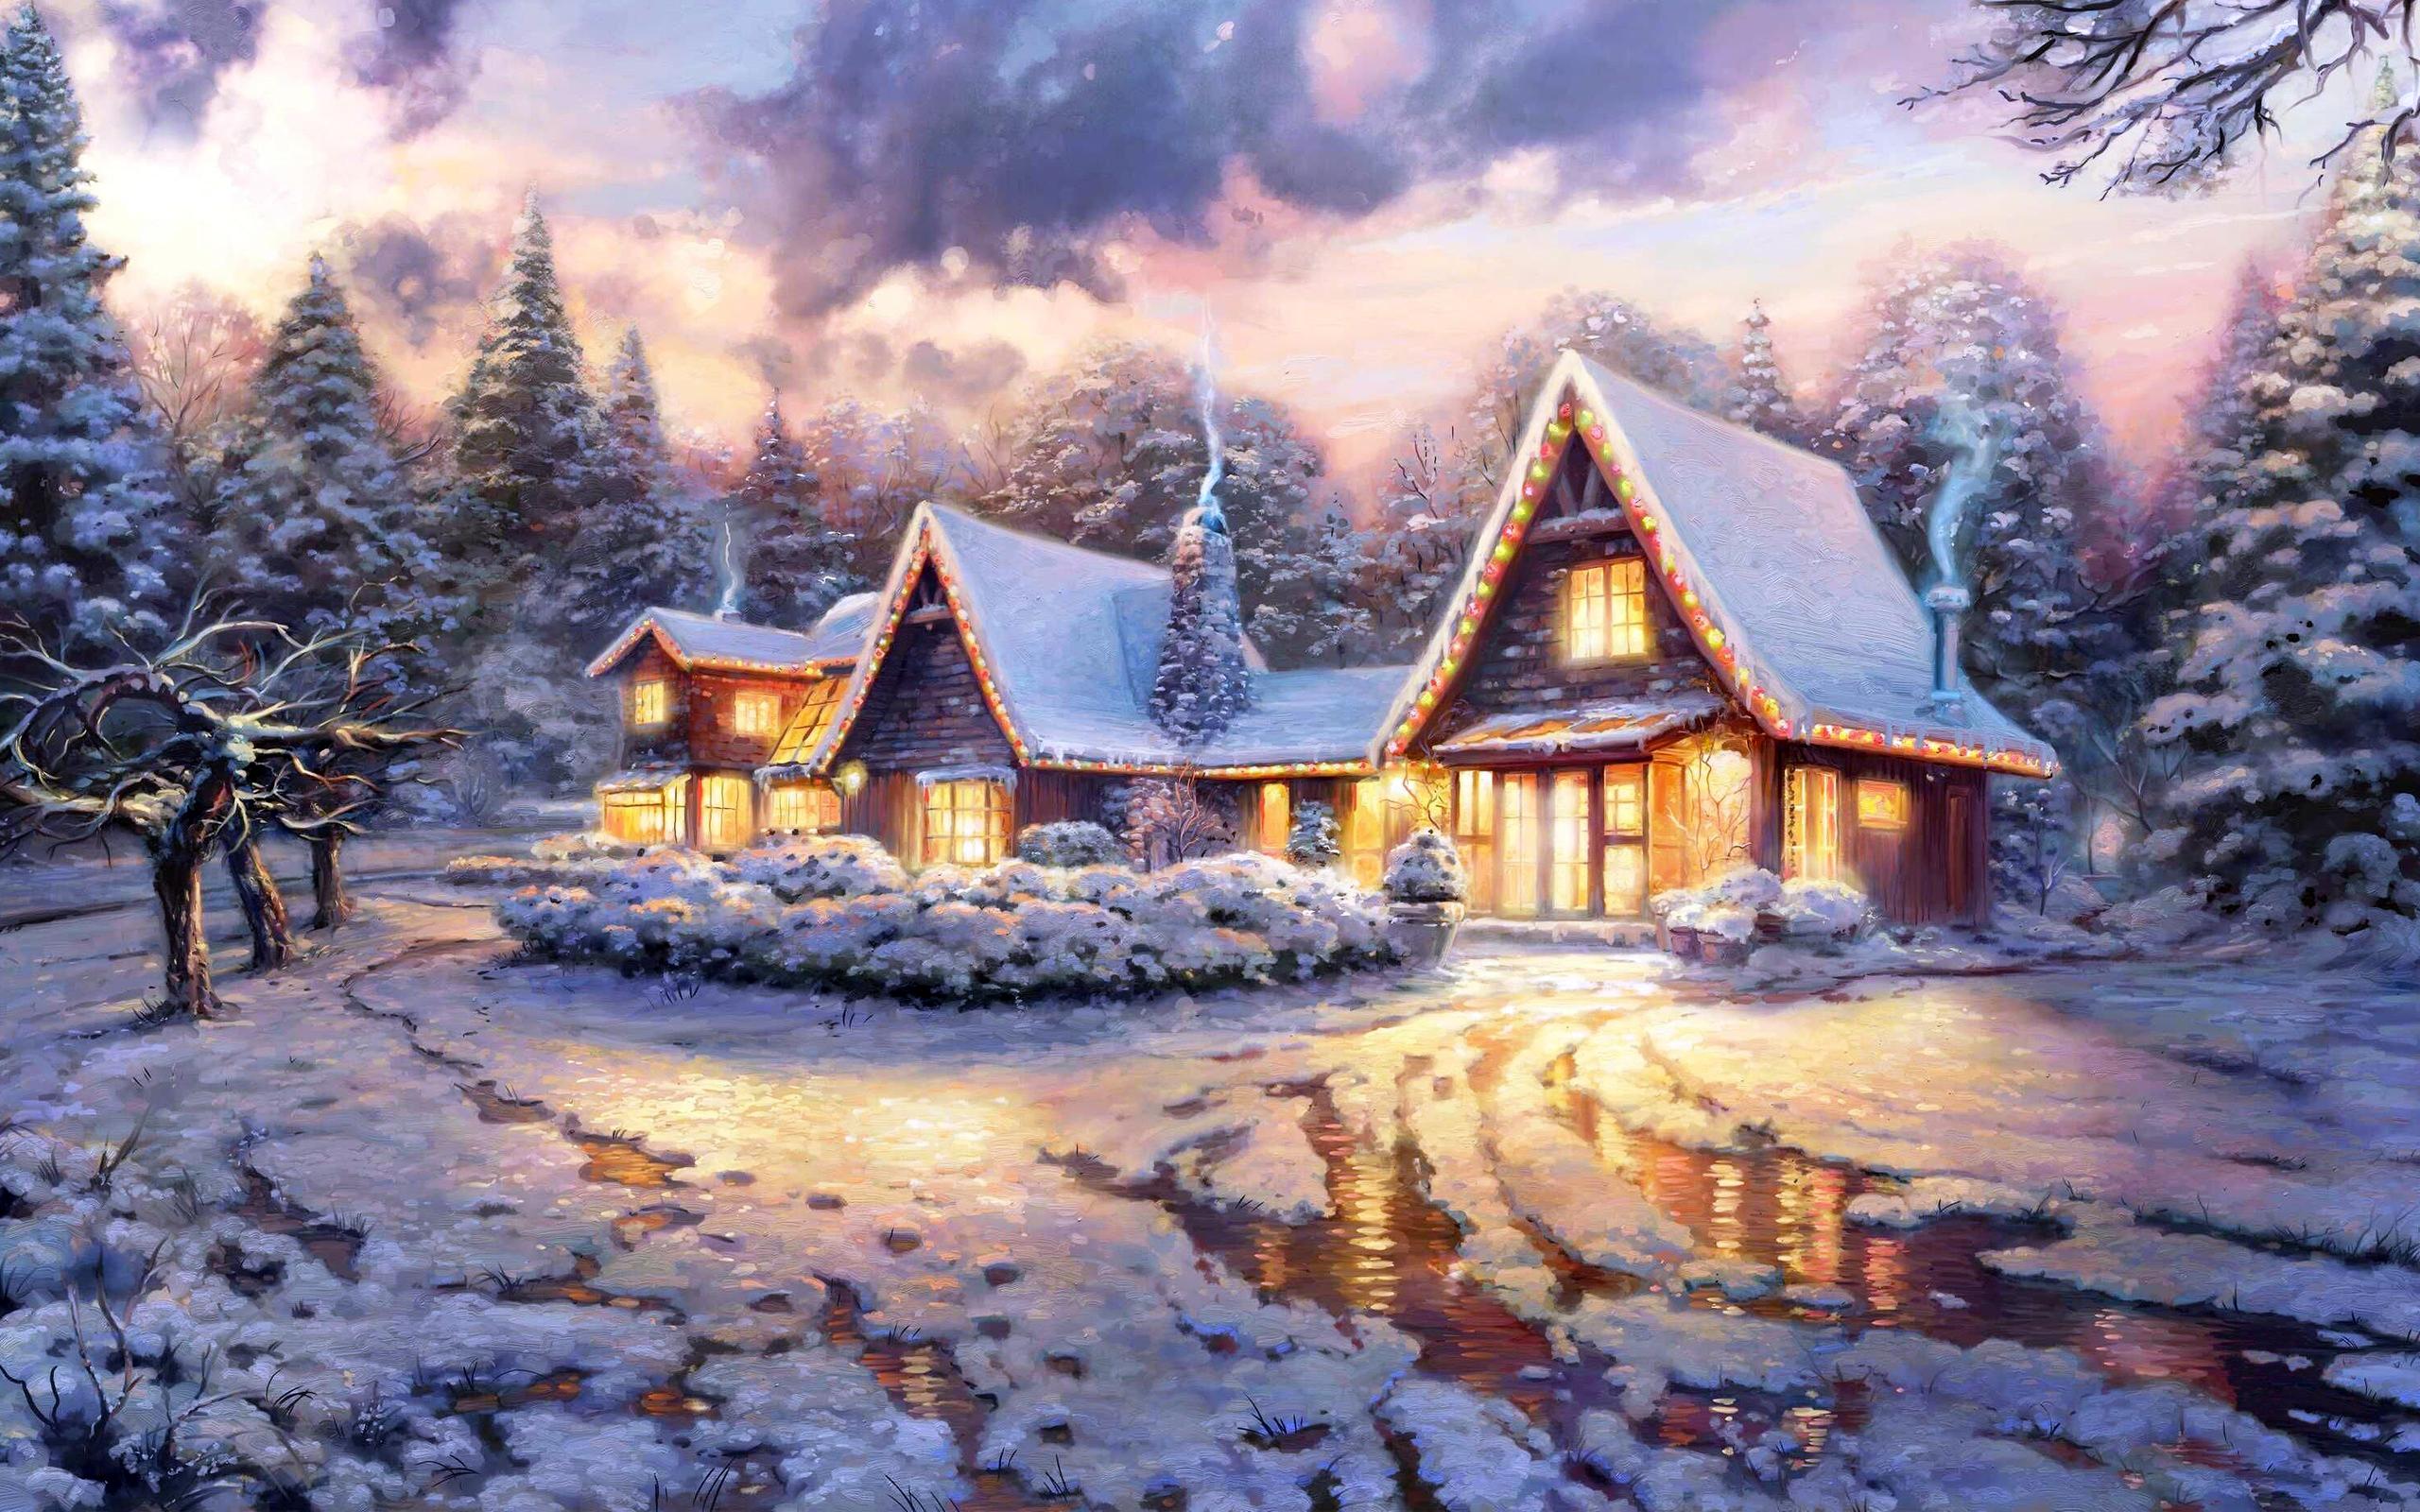 сказочный новогодний дом, гирлянды, снег